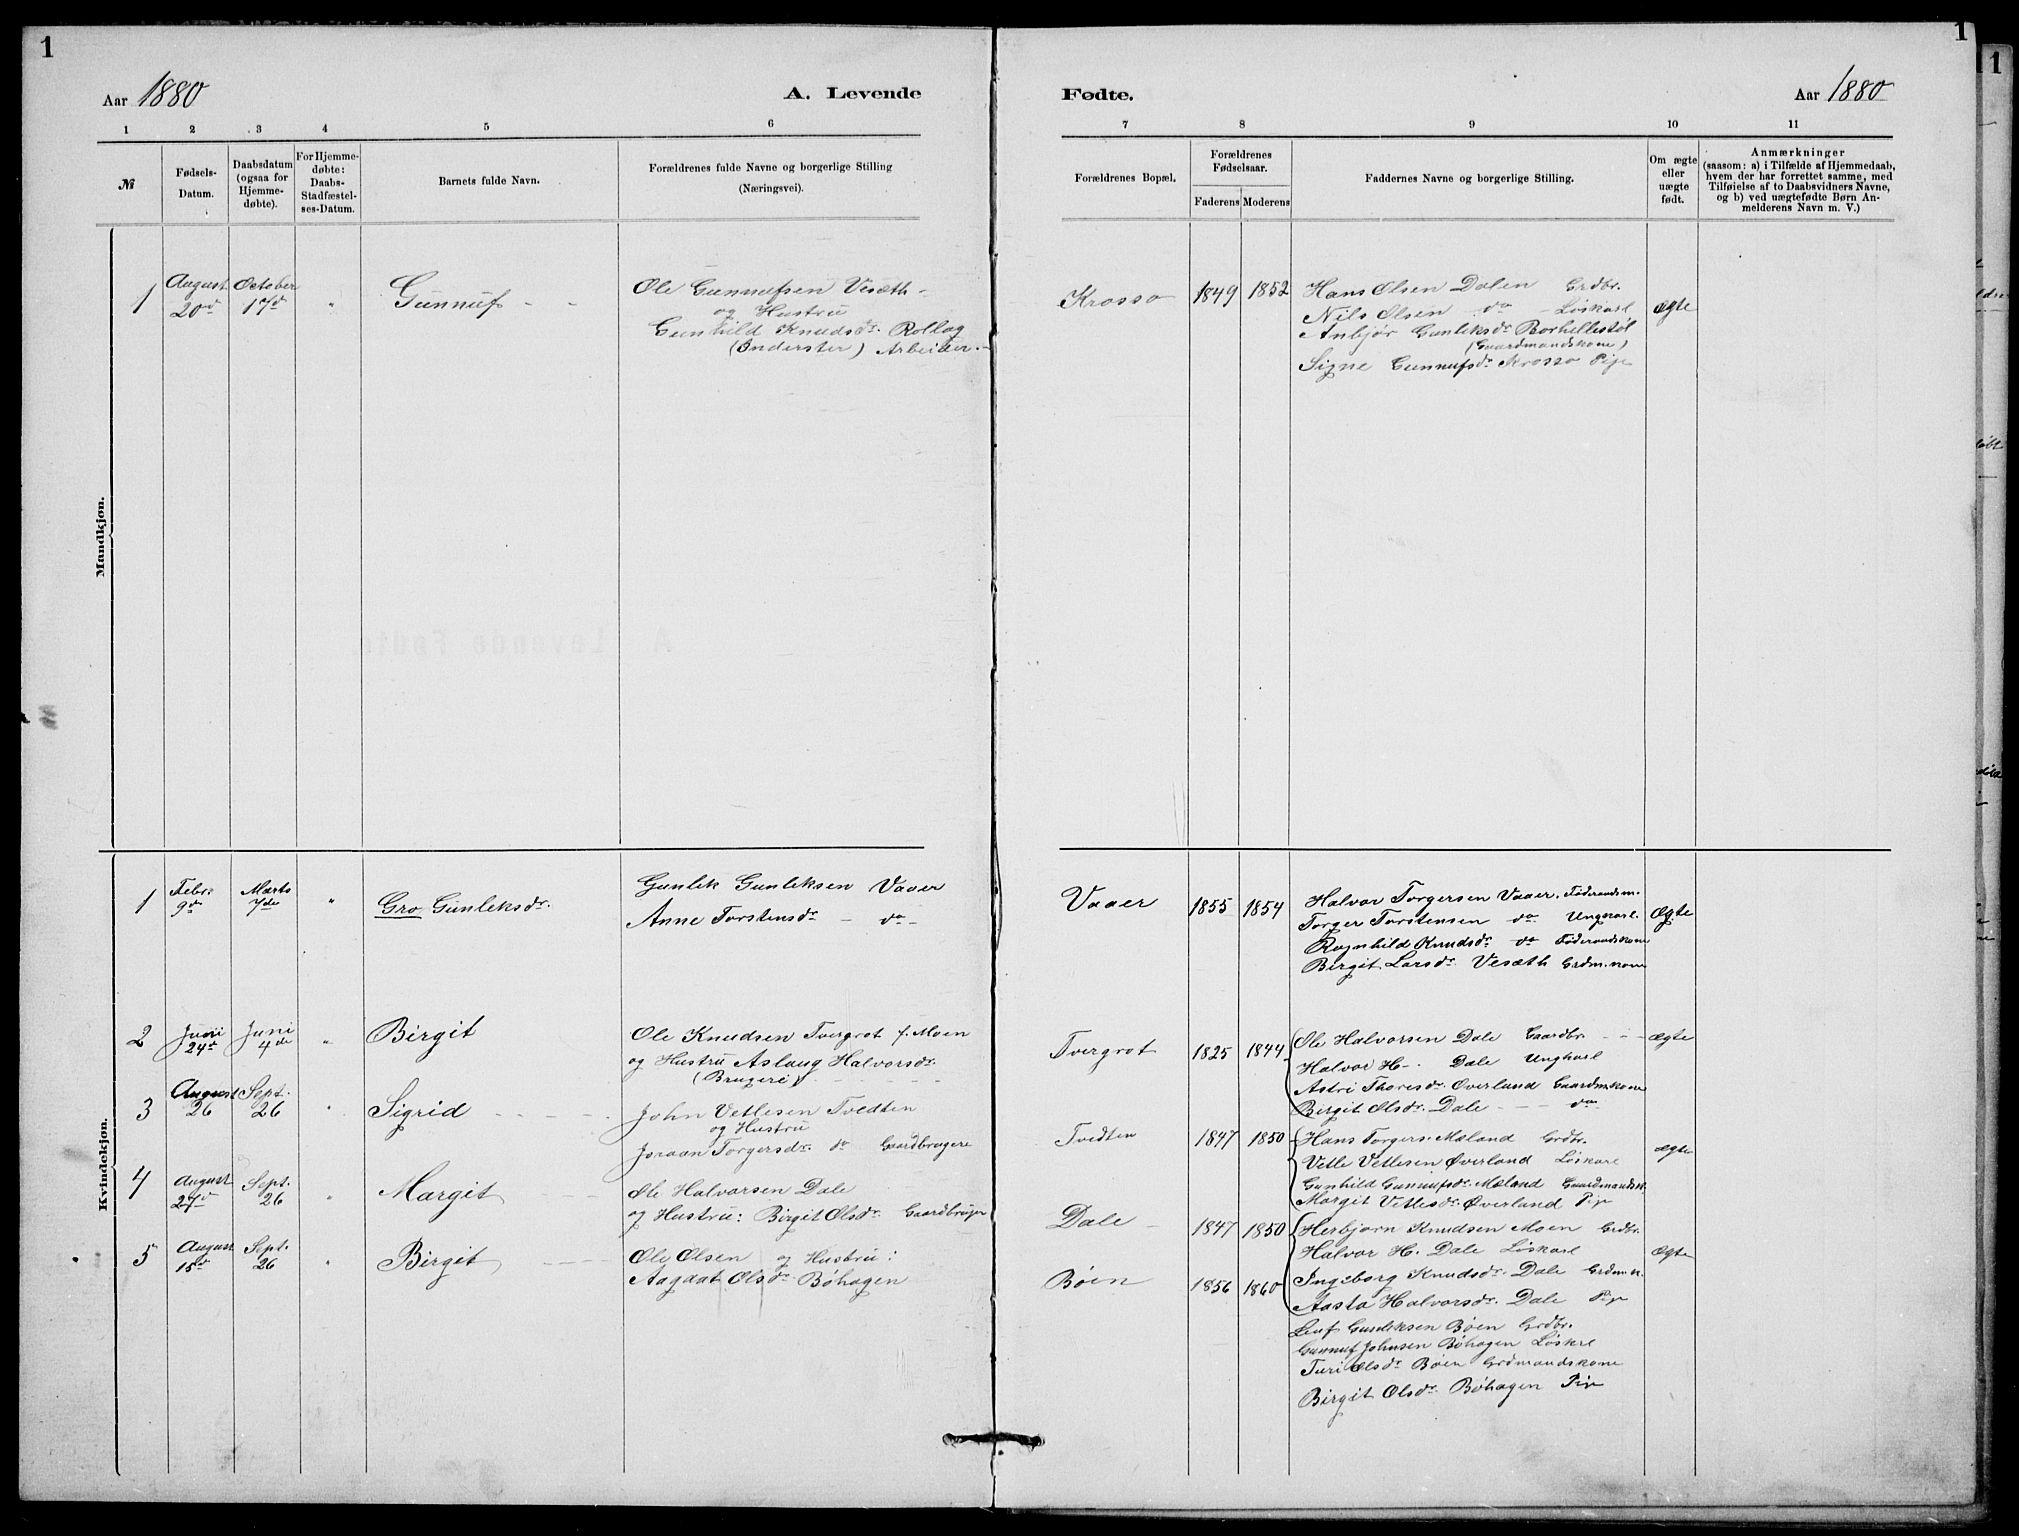 SAKO, Rjukan kirkebøker, G/Ga/L0001: Klokkerbok nr. 1, 1880-1914, s. 1